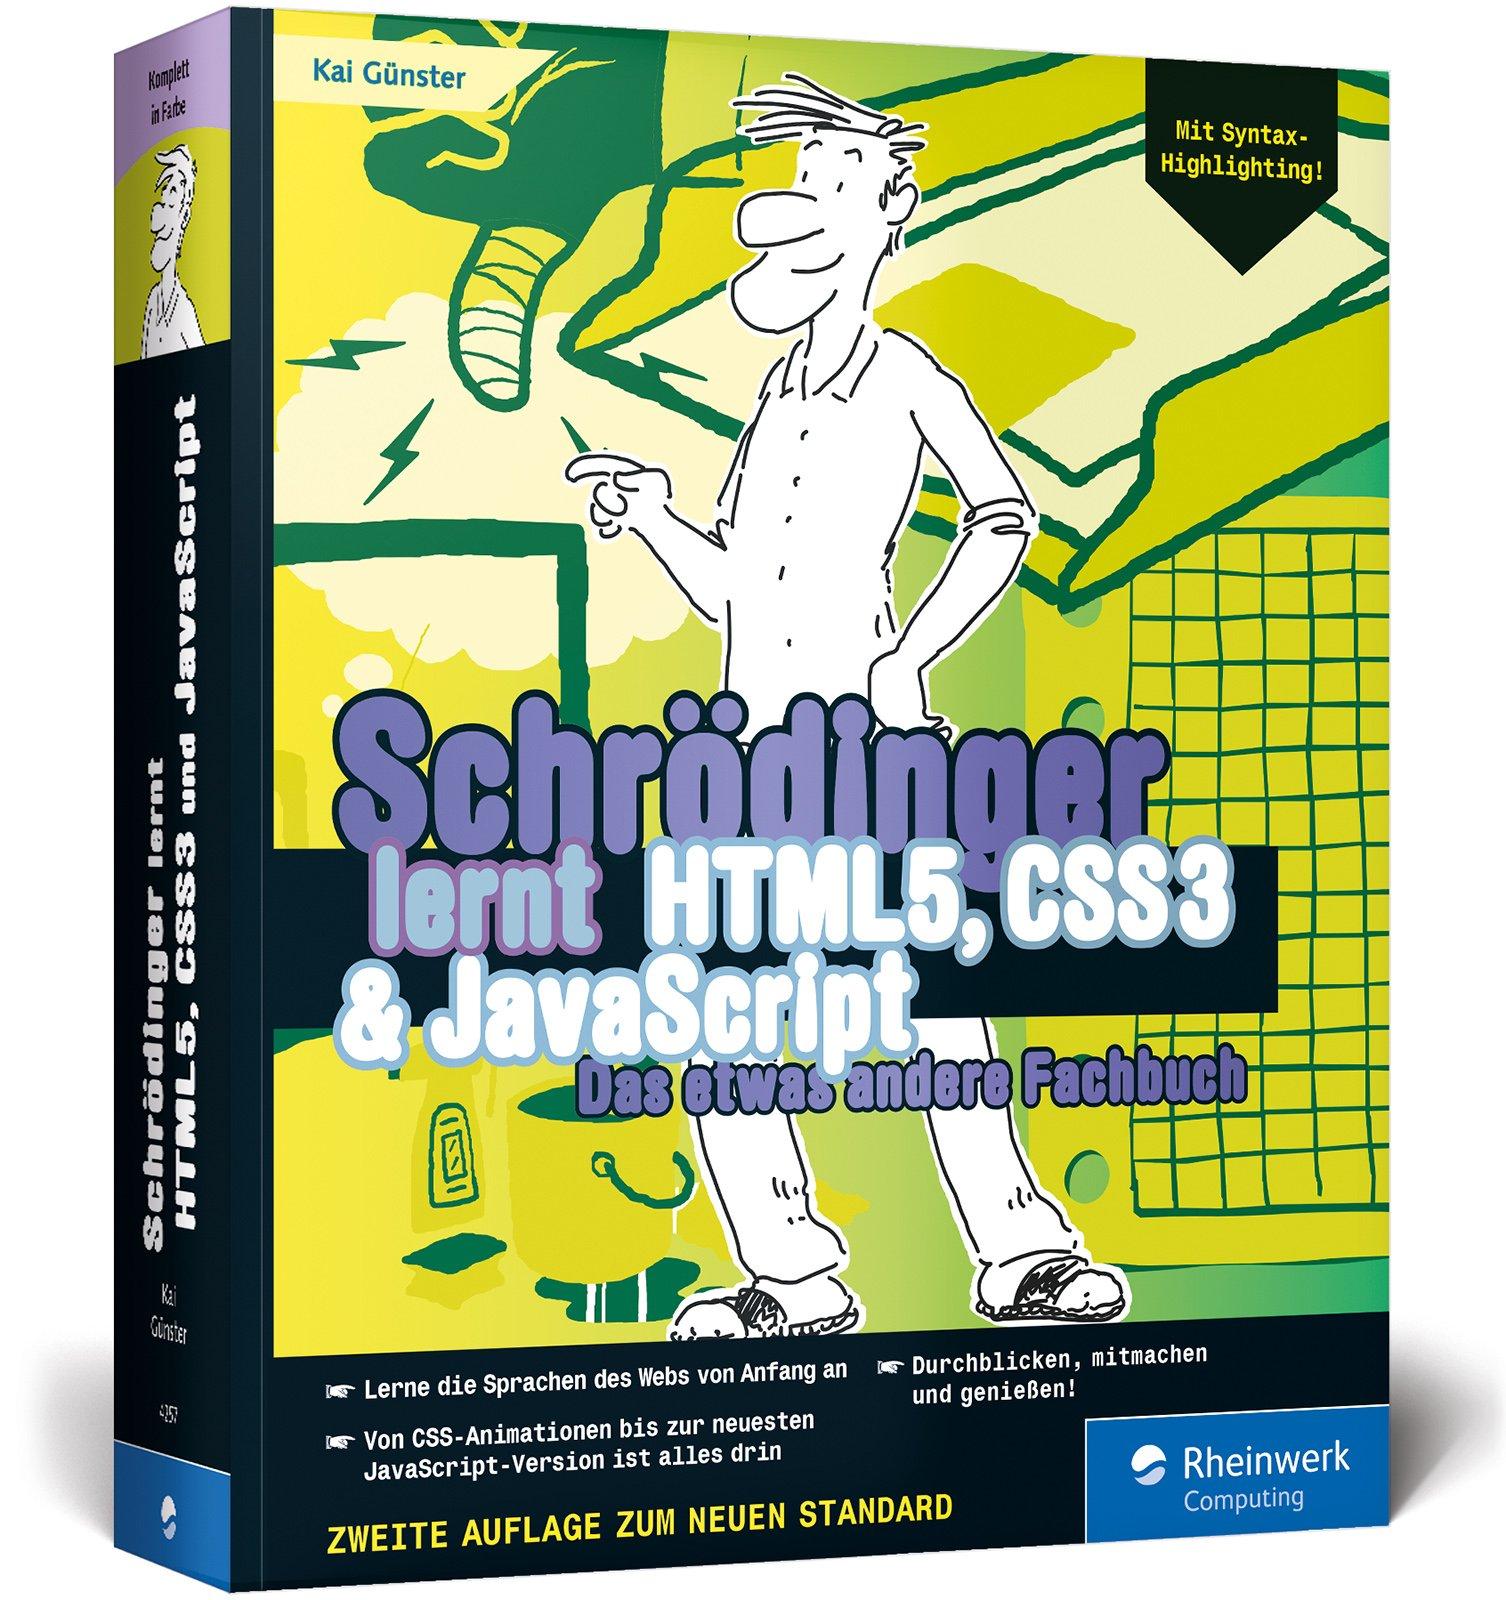 Schrödinger lernt HTML5, CSS3 und JavaScript: Das etwas andere Fachbuch. Der volle Durchmarsch für alle, die HTML, CSS und JavaScript lernen wollen. Mit Syntax-Highlighting! Broschiert – 31. Oktober 2016 Kai Günster Schrödinger lernt HTML5 Rheinwerk Comput